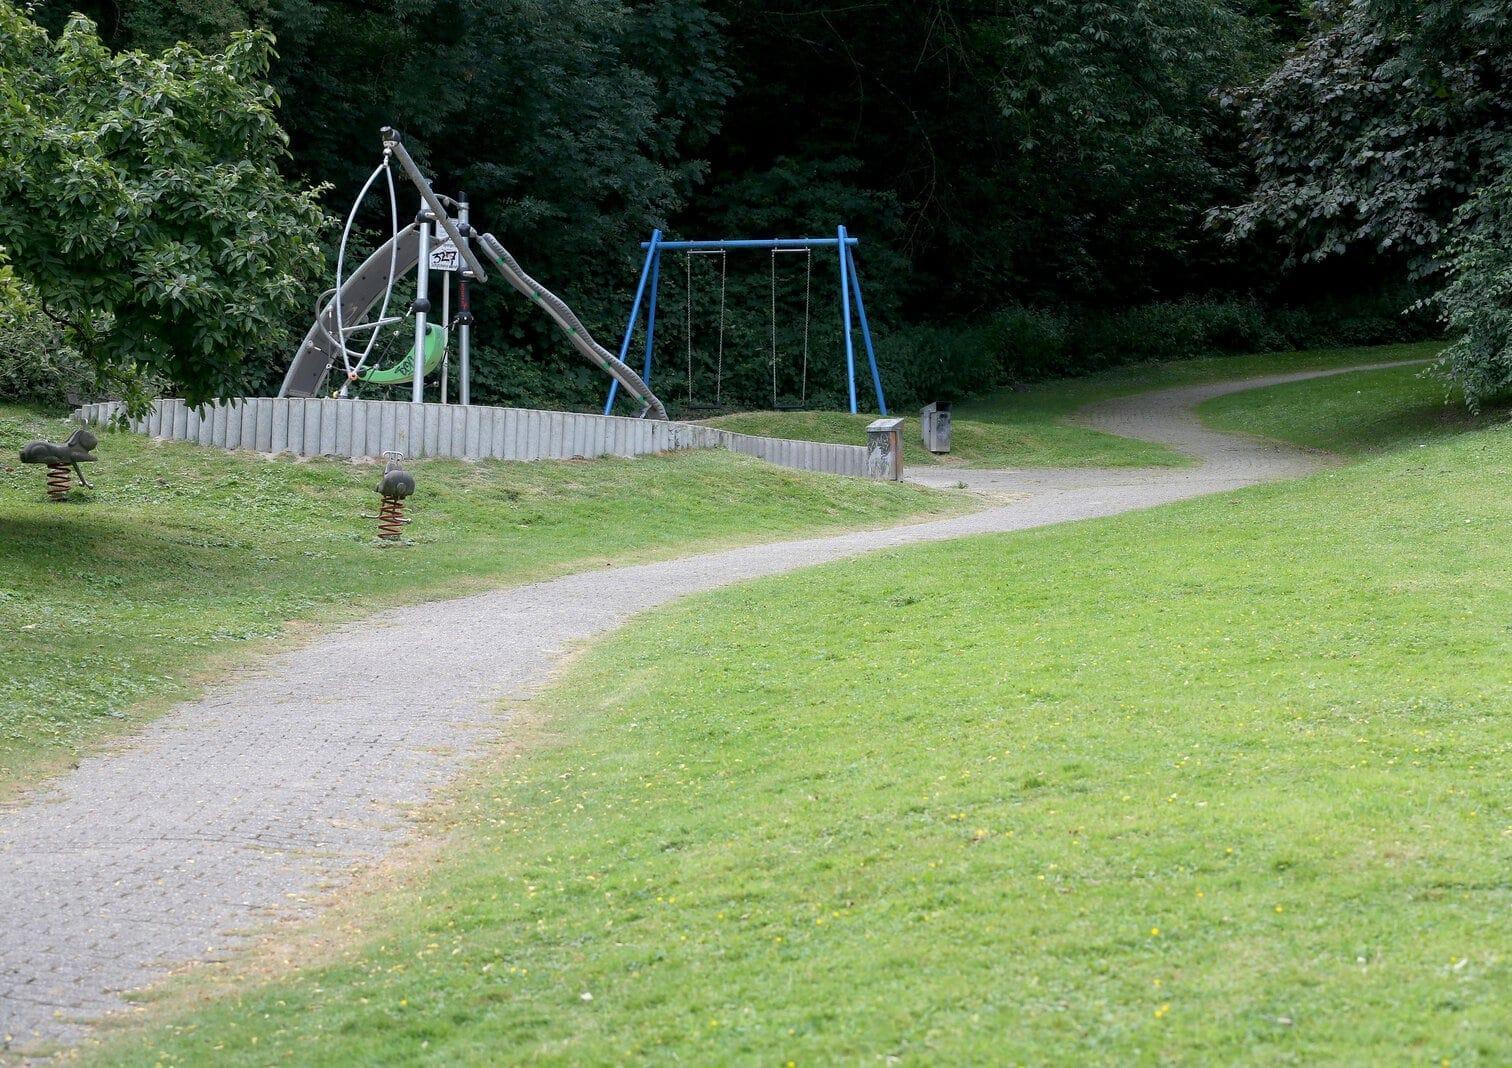 Mülheim Spielplatz Parkanlage